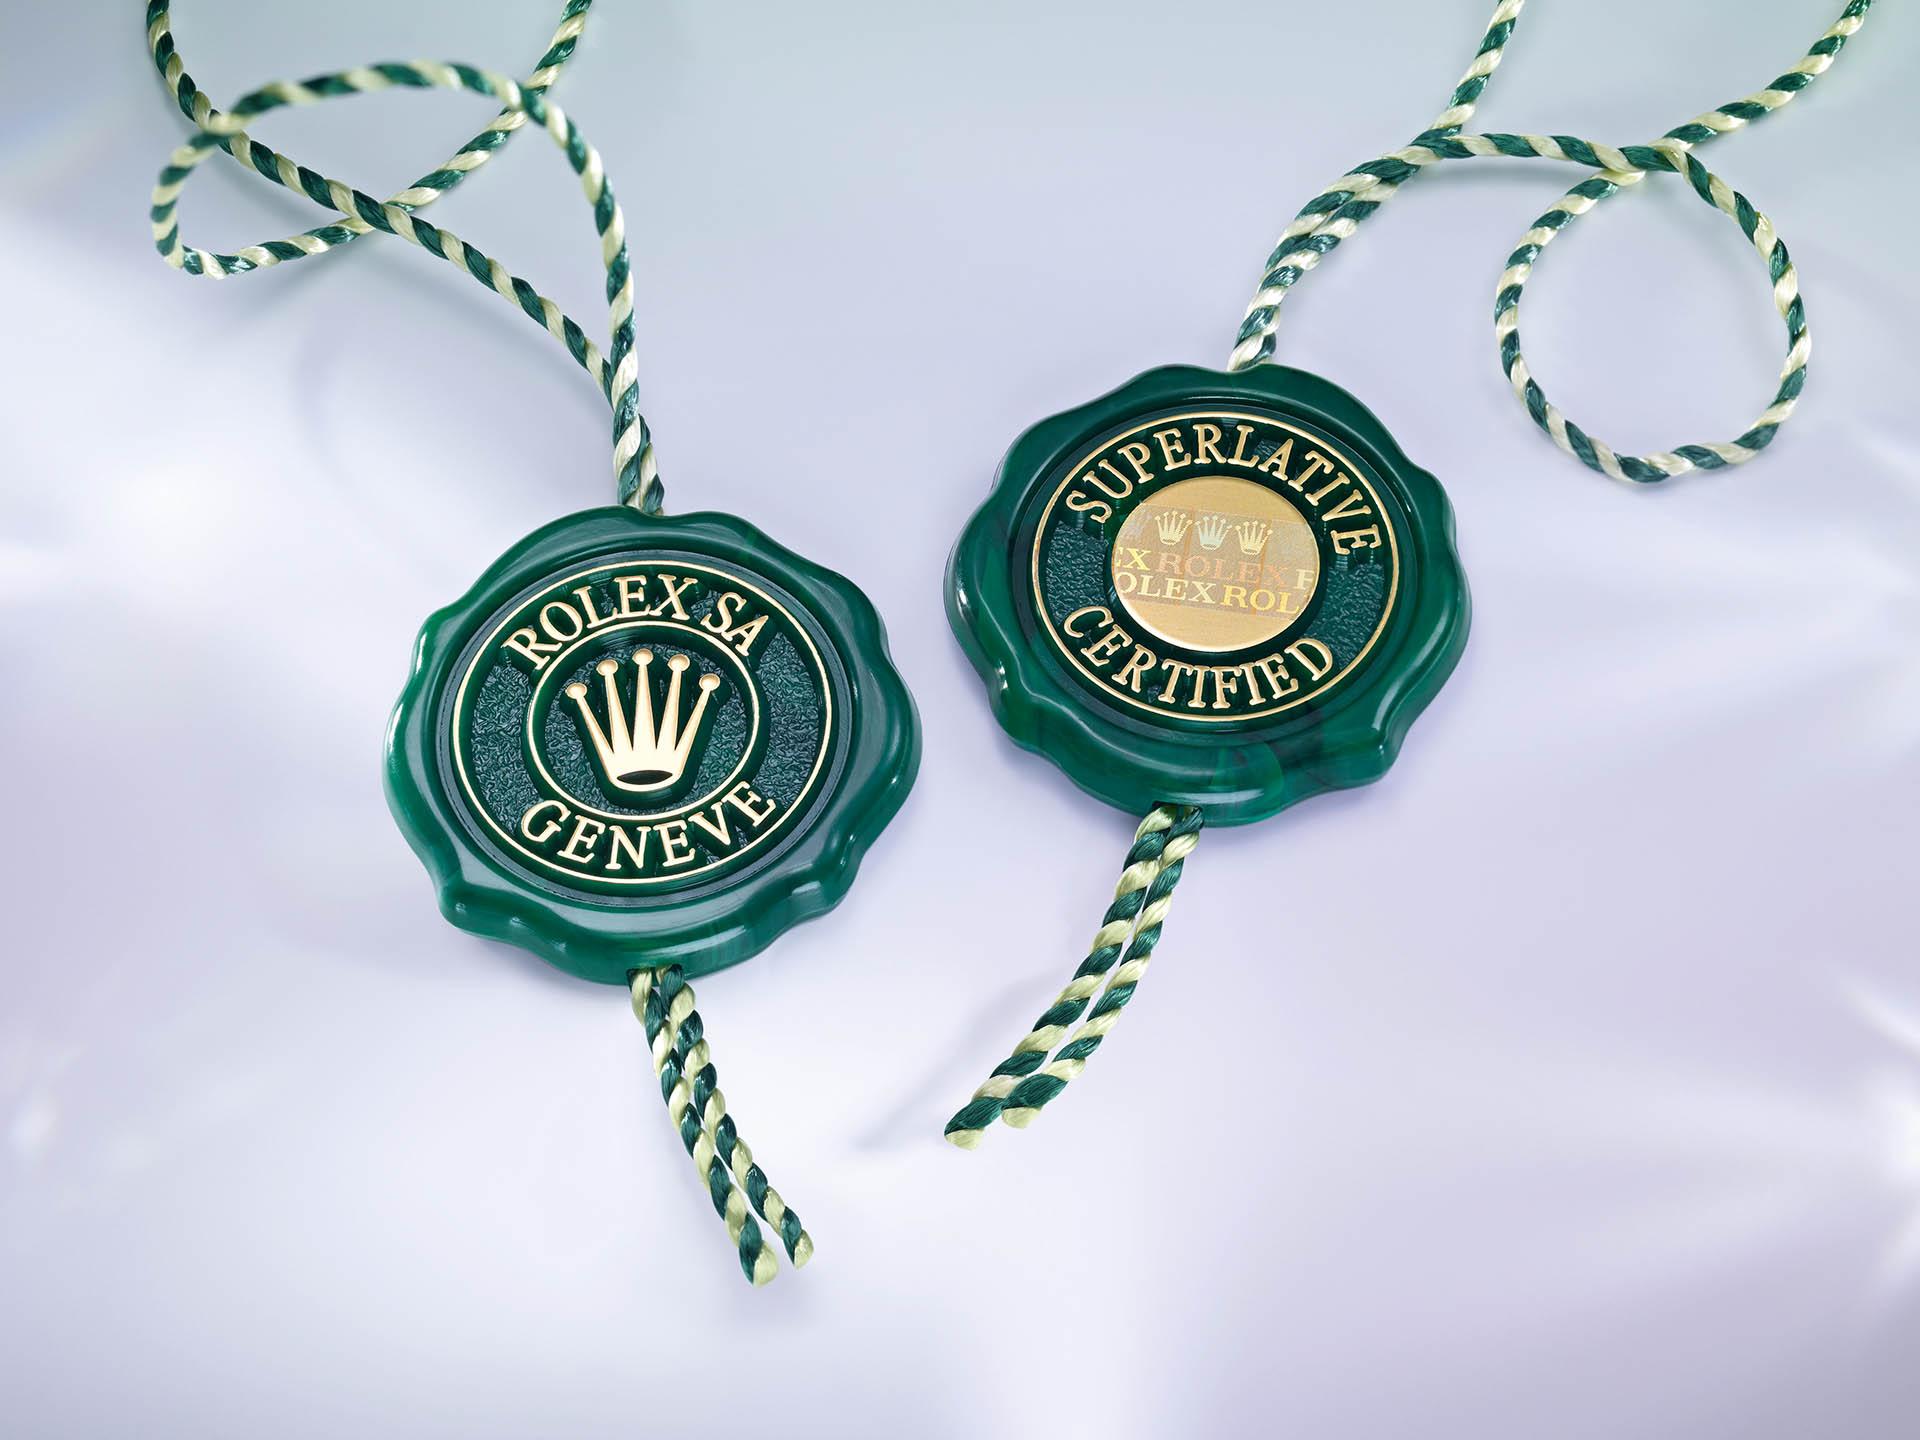 Das grüne Rolex-Siegel